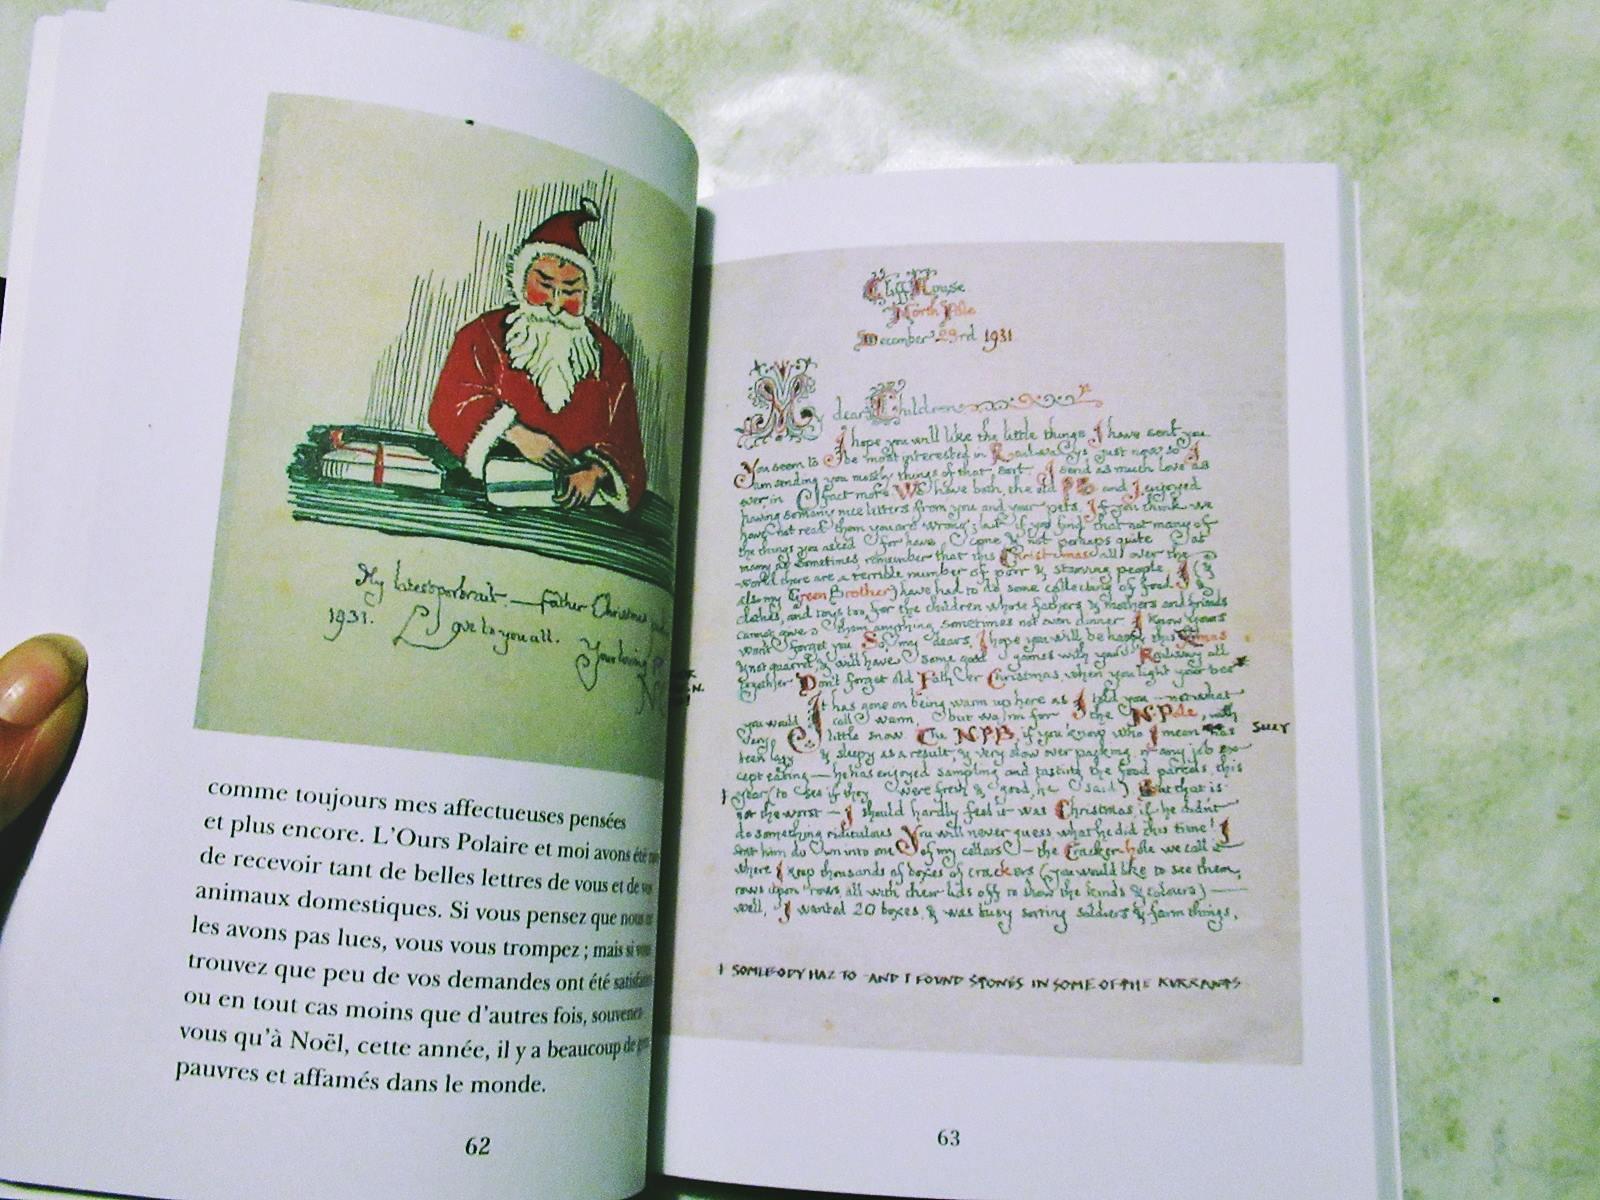 Lettres du pere noel tolkien 2